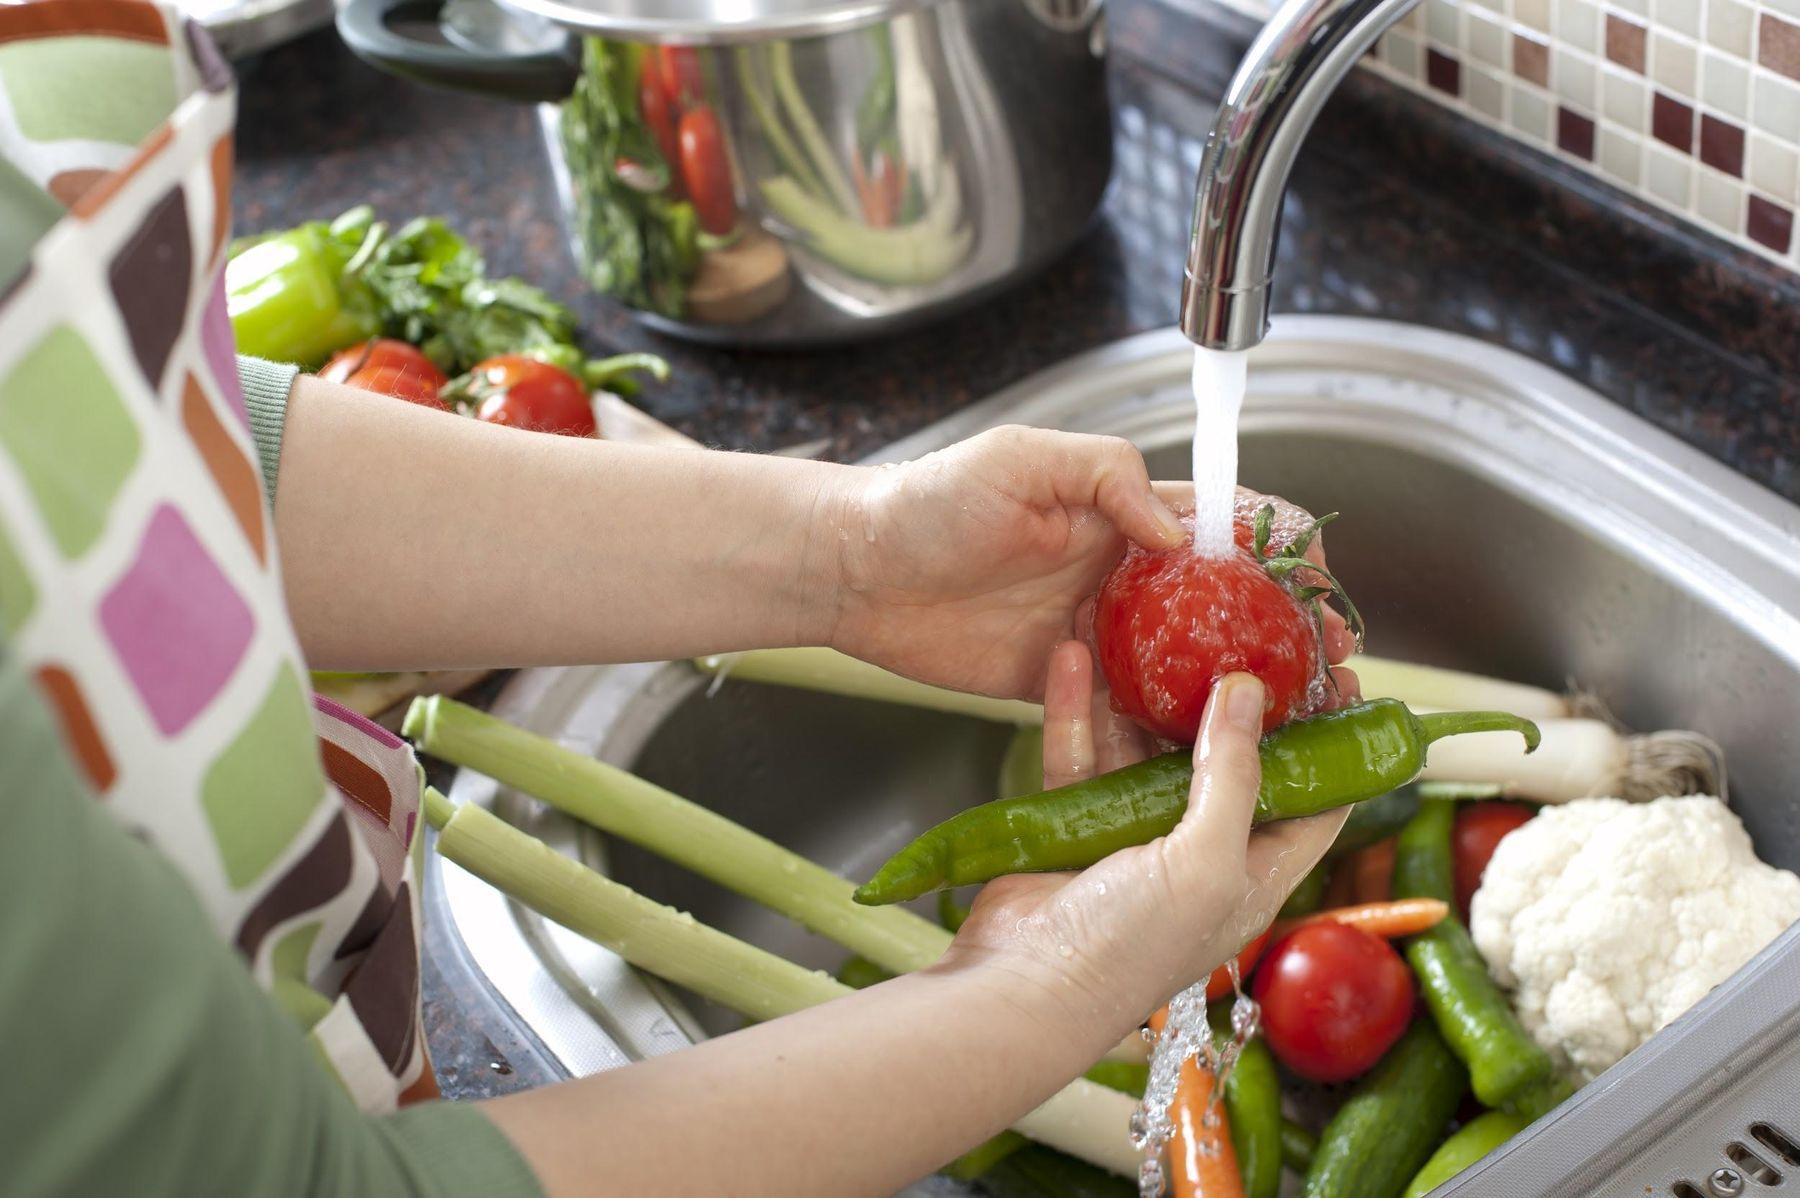 Mulher lavando verduras e legumes em água corrente